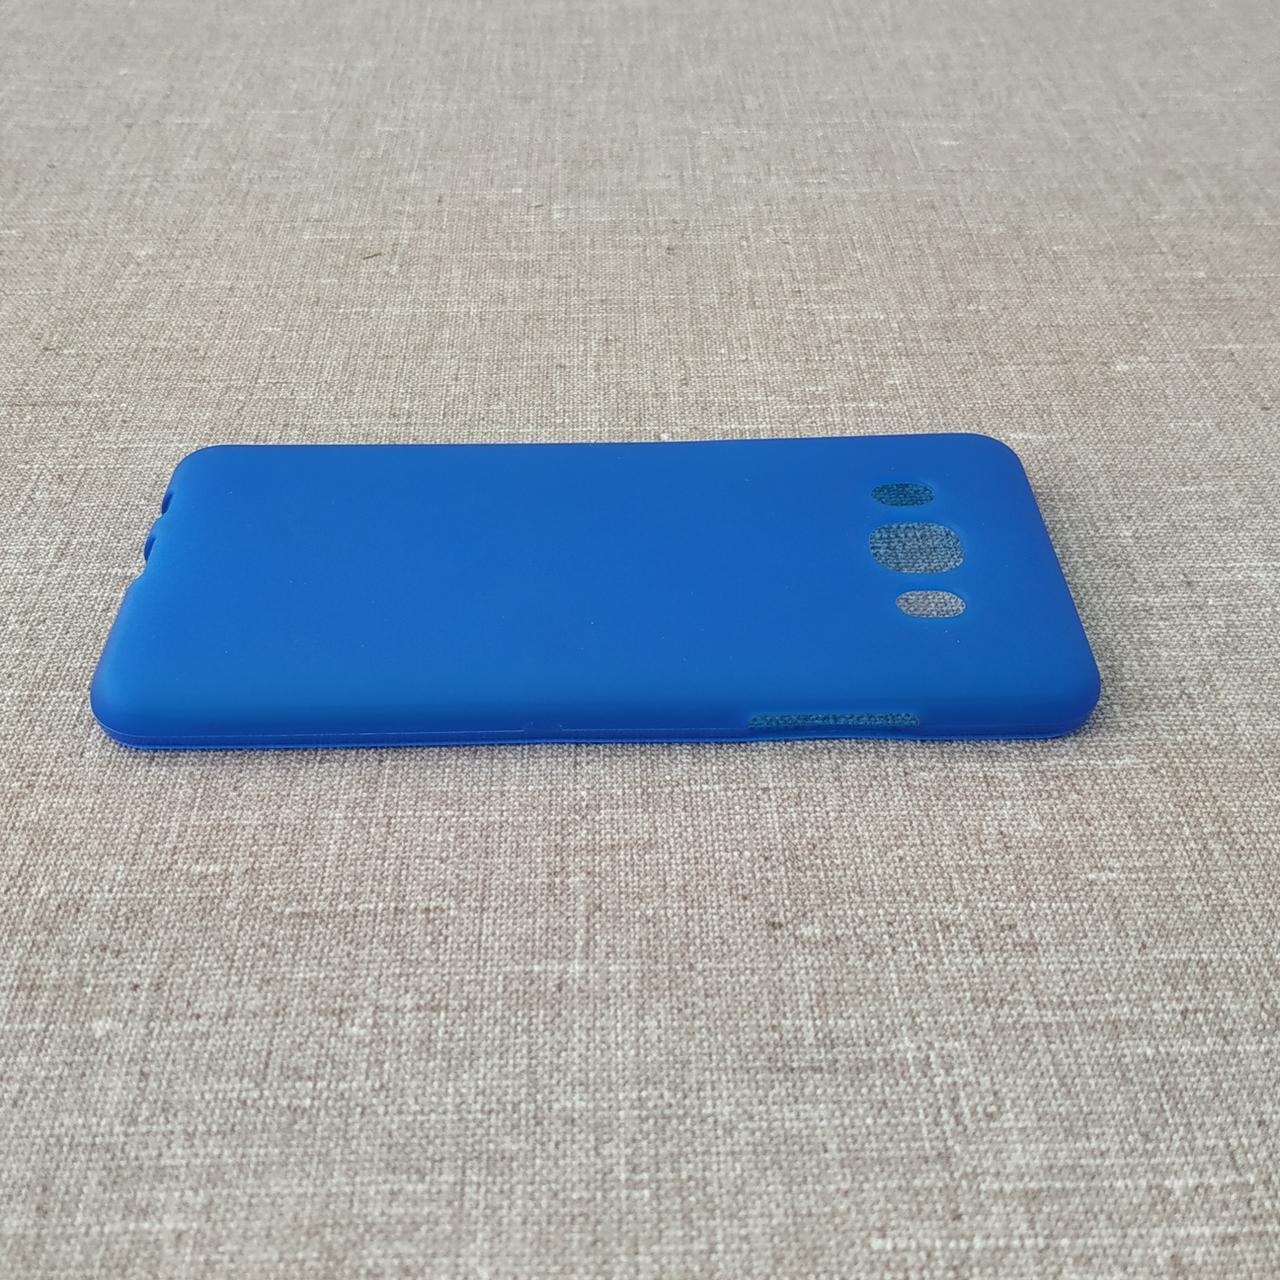 Чехлы для Galaxy J Series (остальные модели) TPU Samsung J510 blue J5 (J530) 2017 Для телефона